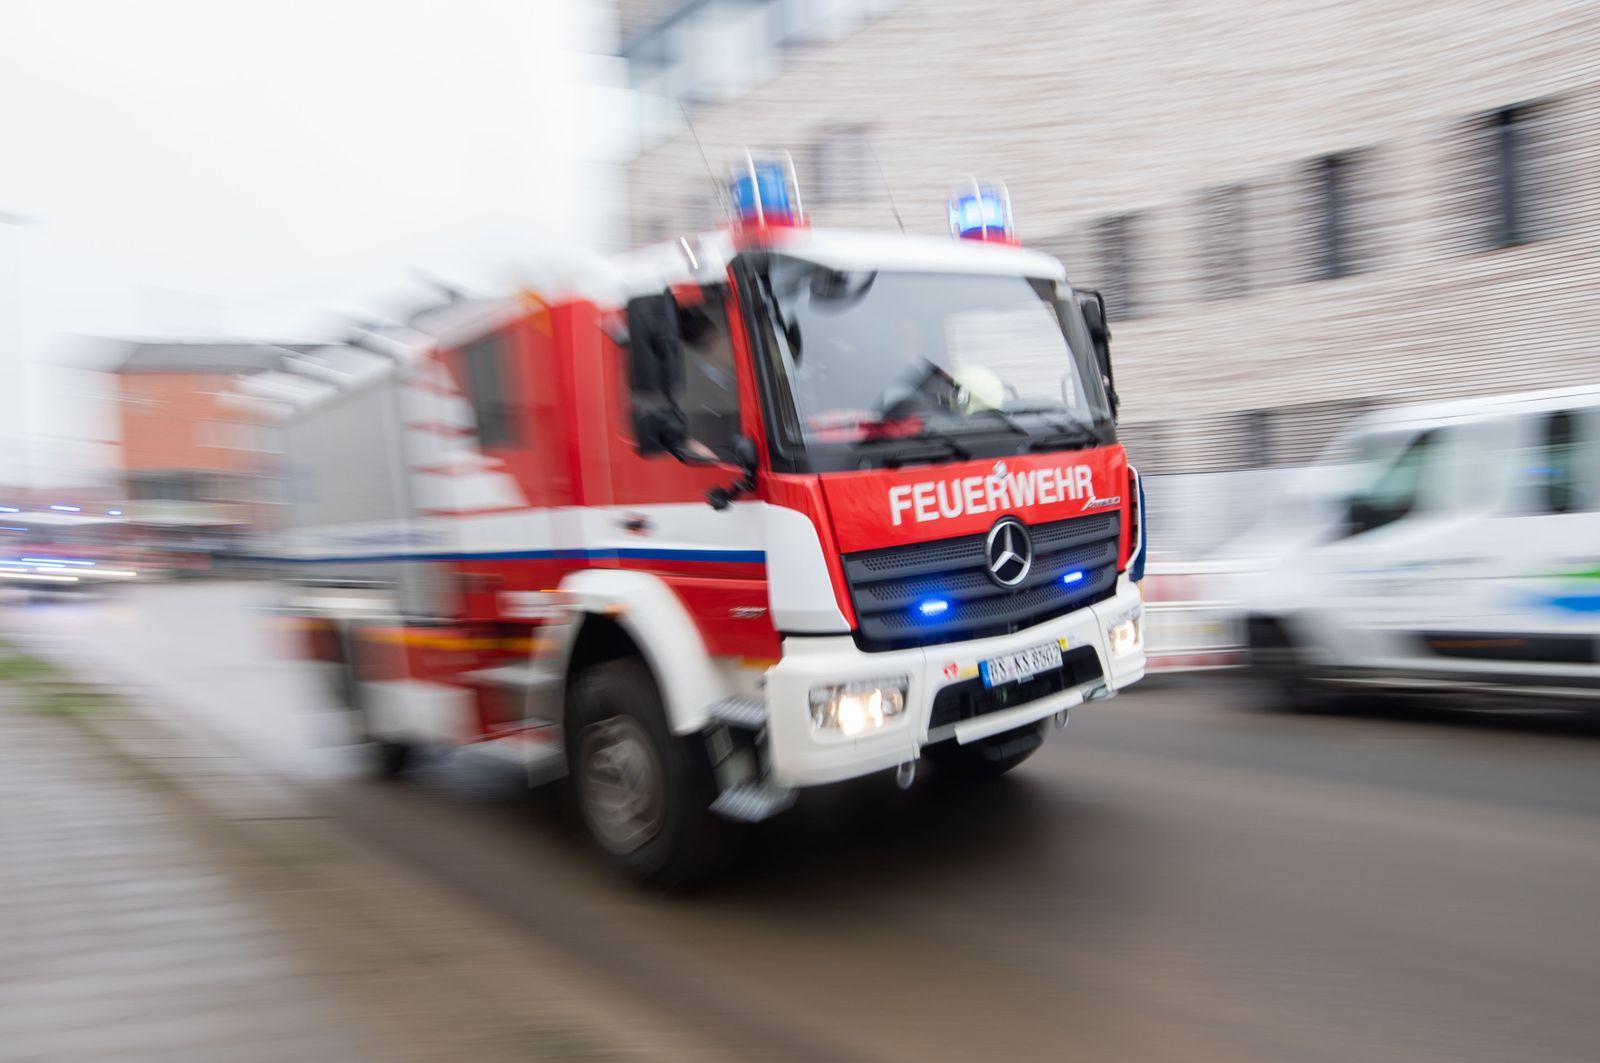 Neue Löschfahrzeuge für die Feuerwehr in Niedersachsen